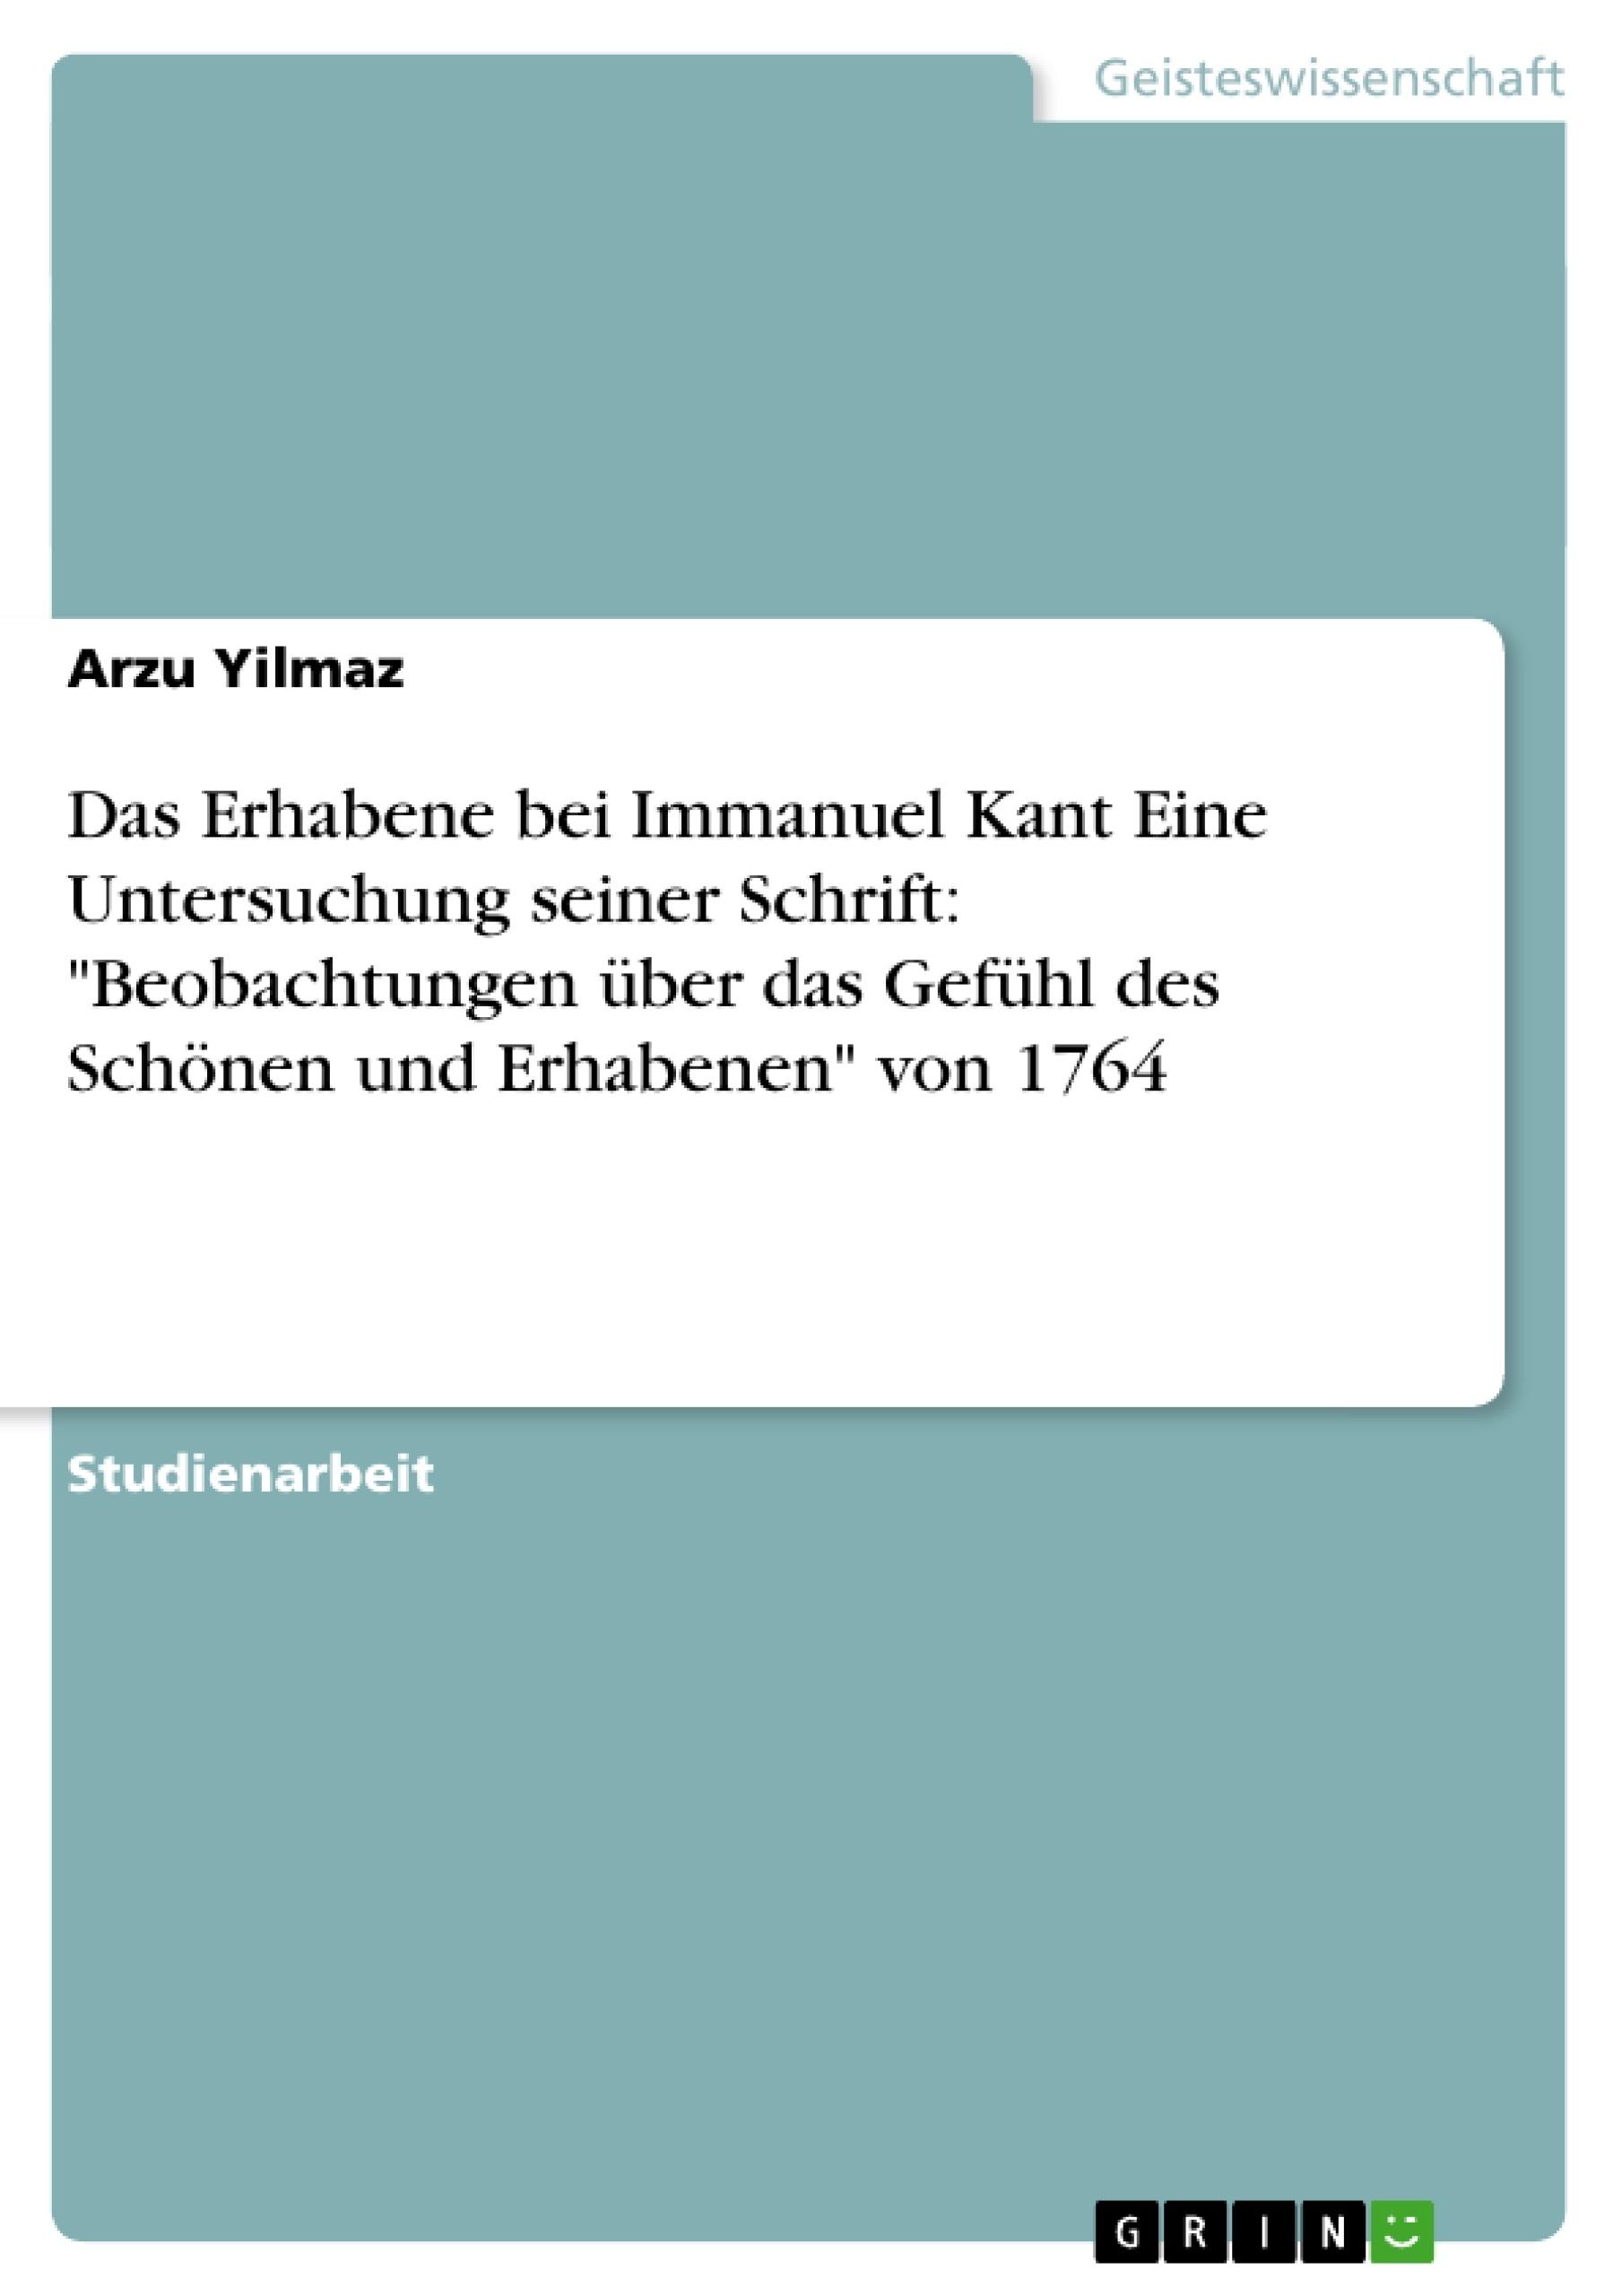 """Titel: Das Erhabene bei Immanuel Kant Eine Untersuchung seiner Schrift: """"Beobachtungen über das Gefühl des Schönen und Erhabenen"""" von 1764"""